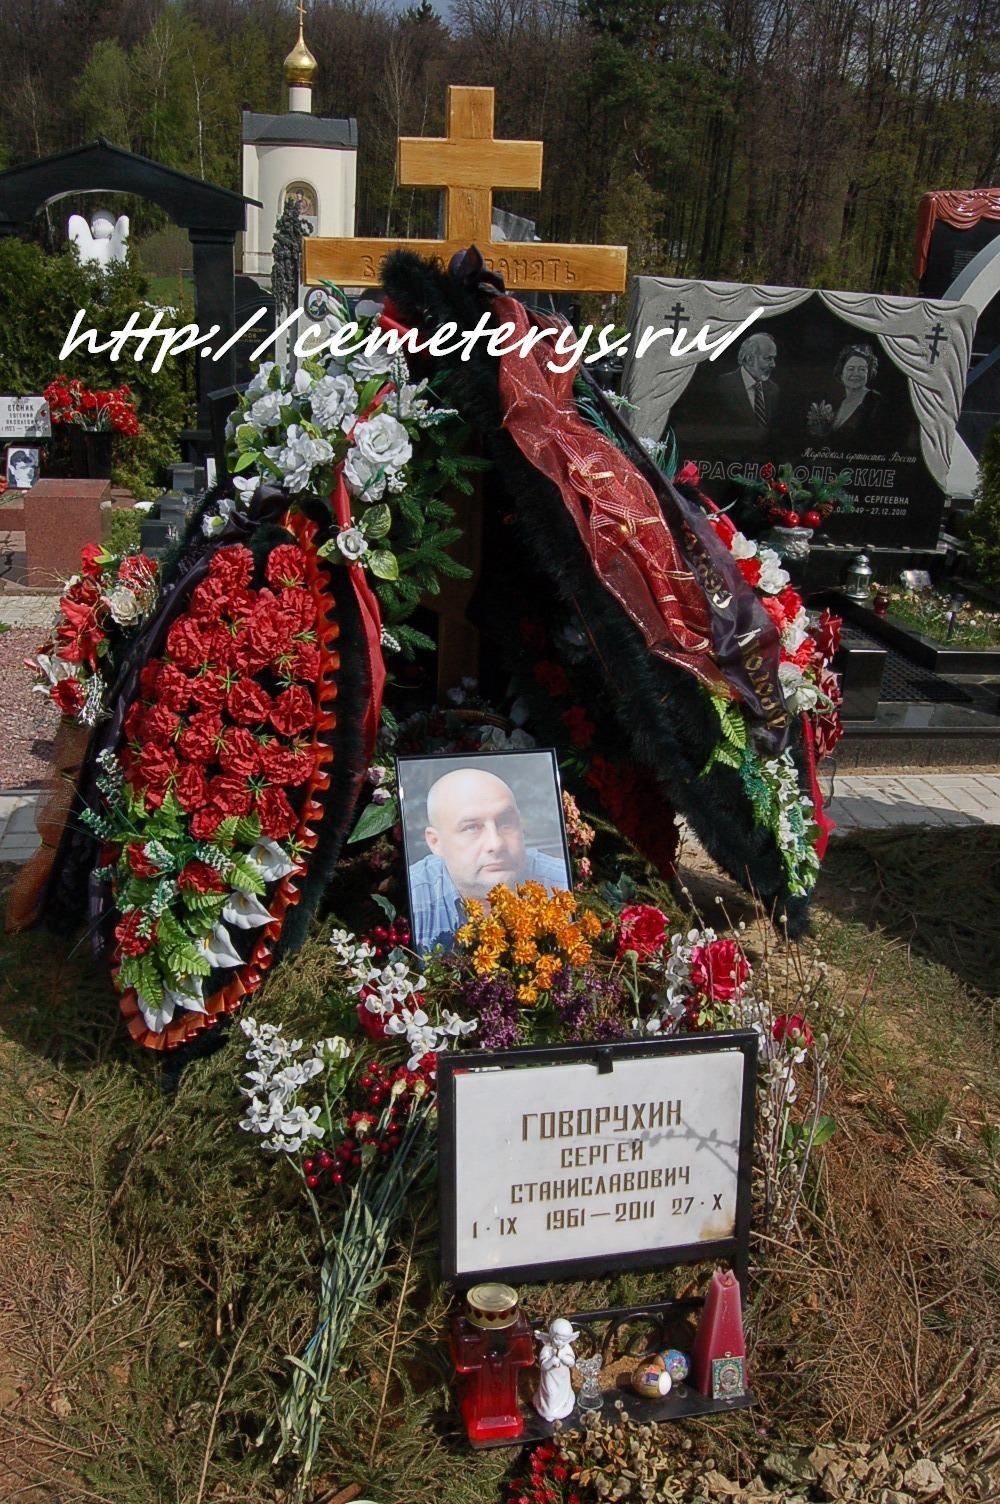 могила Сергея Говорухина на Троекуровском кладбище в Москве (до установки памятника) ( фото Дмитрия Кондратьева)